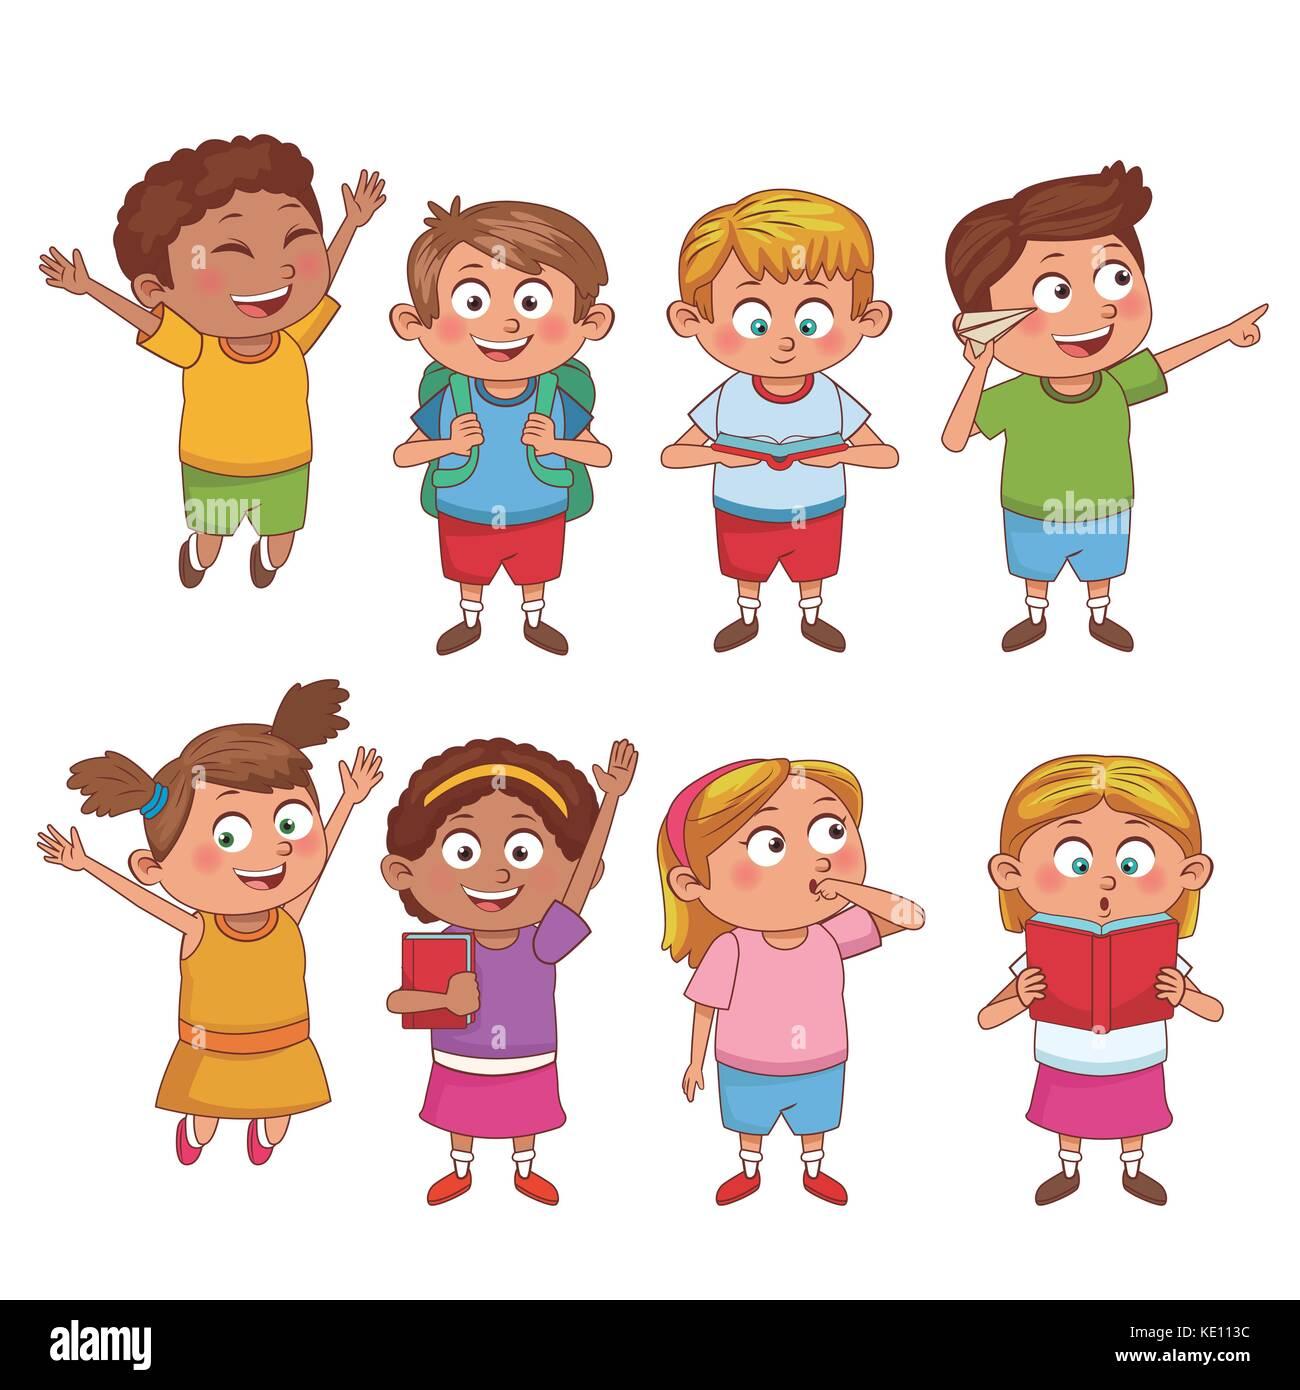 Gli Studenti Di Cartoni Animati Per Bambini Illustrazione Vettoriale